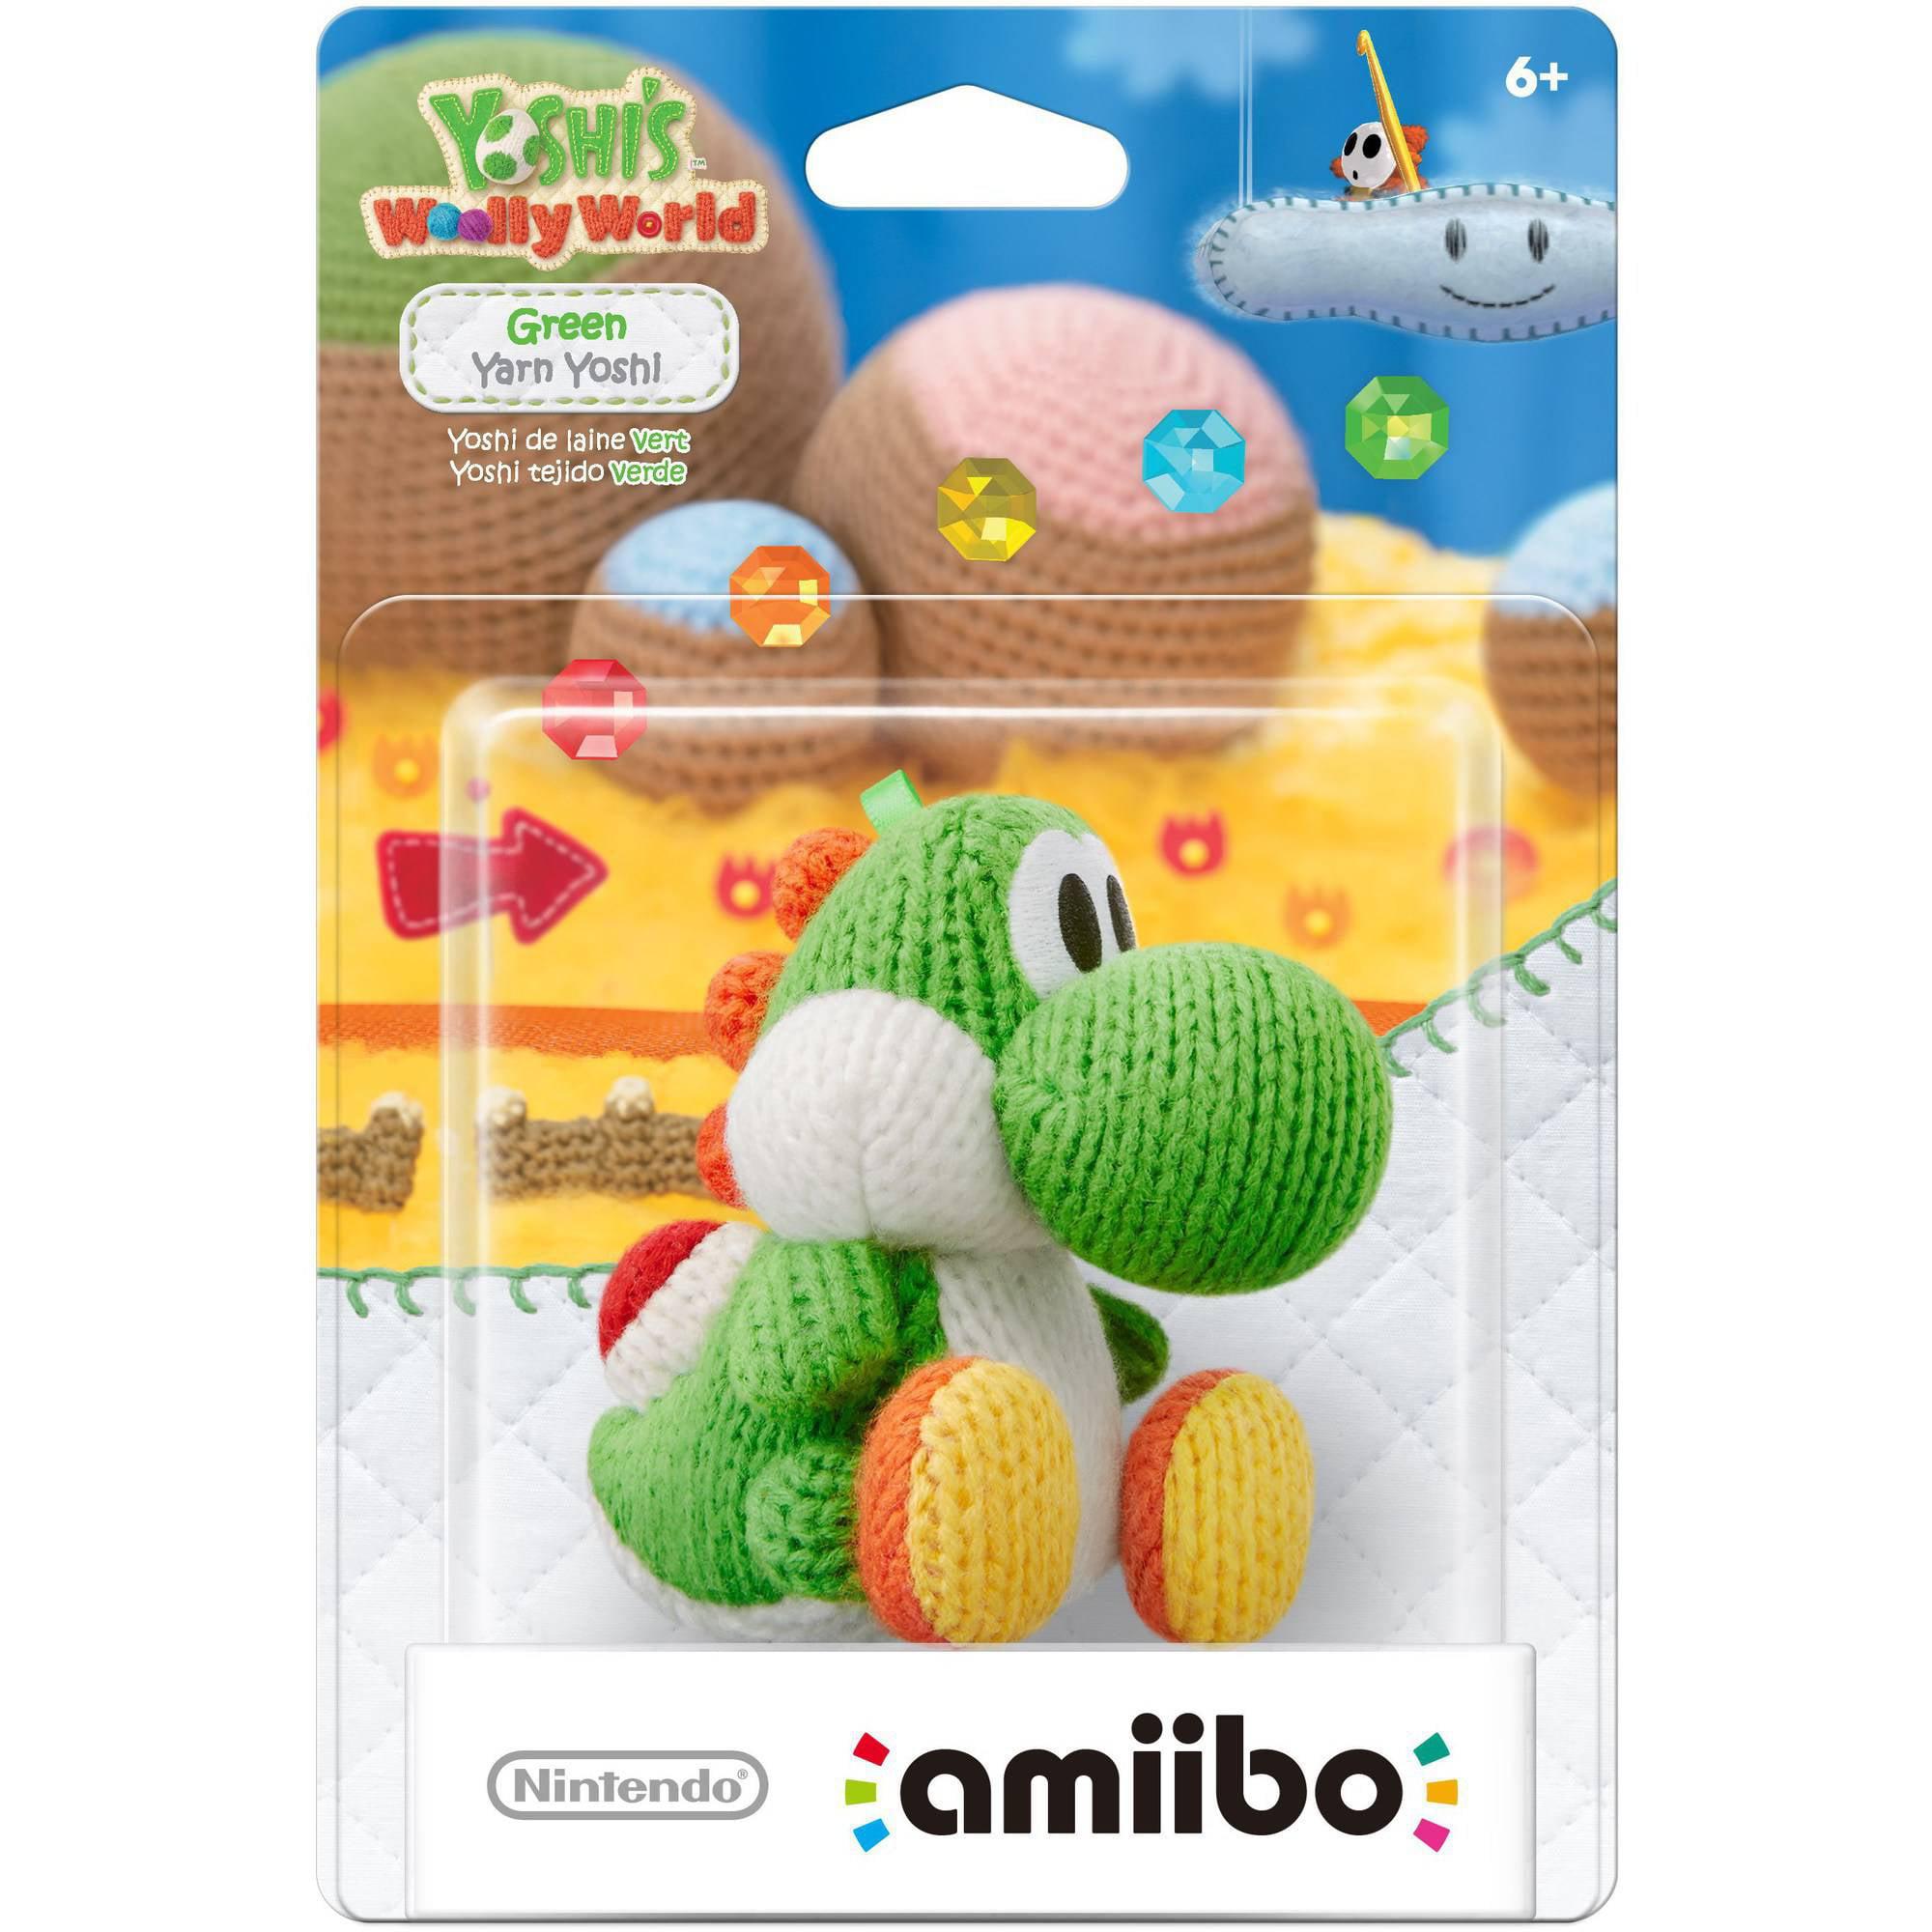 Video Juegos Yoshi de hilo verde amiibo (Universal) + Nintendo en Veo y Compro